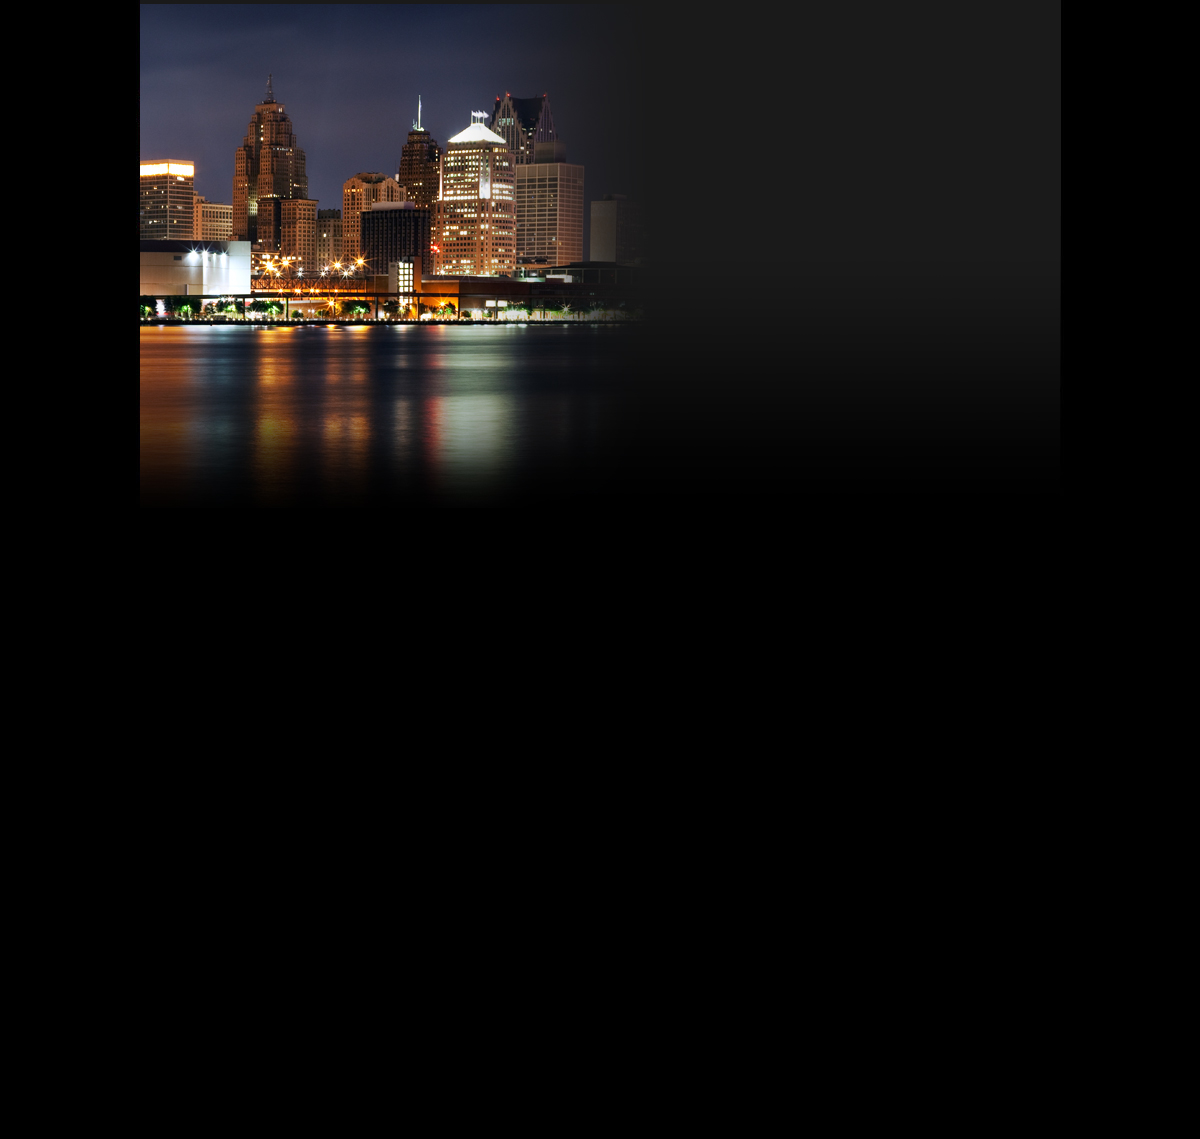 autoshow_detroit_background.jpg